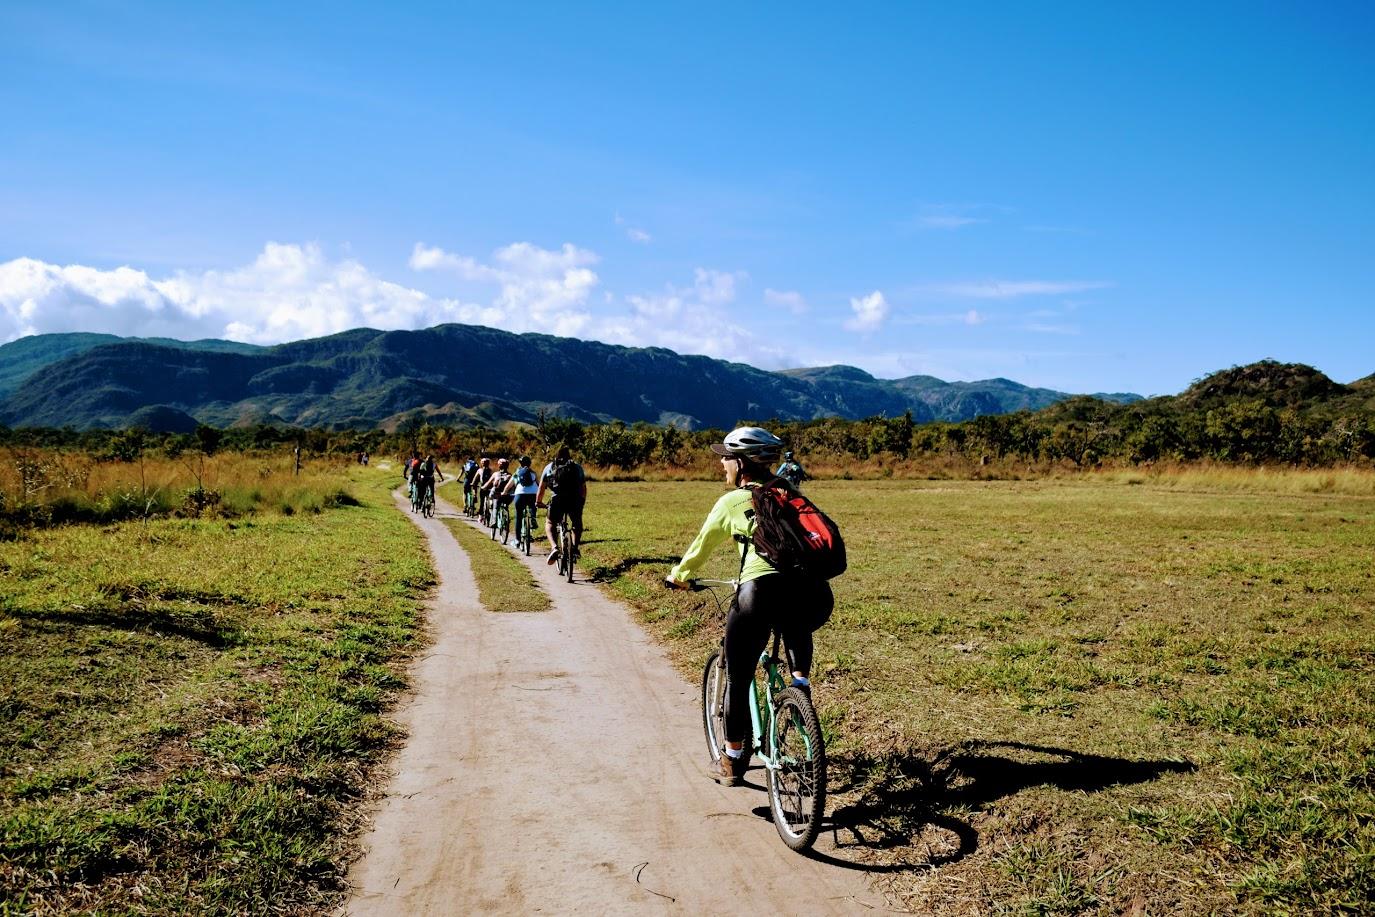 Passeando de bicicleta rumo à Cachoeira da Farofa, no Parque Nacional da Serra do Cipó